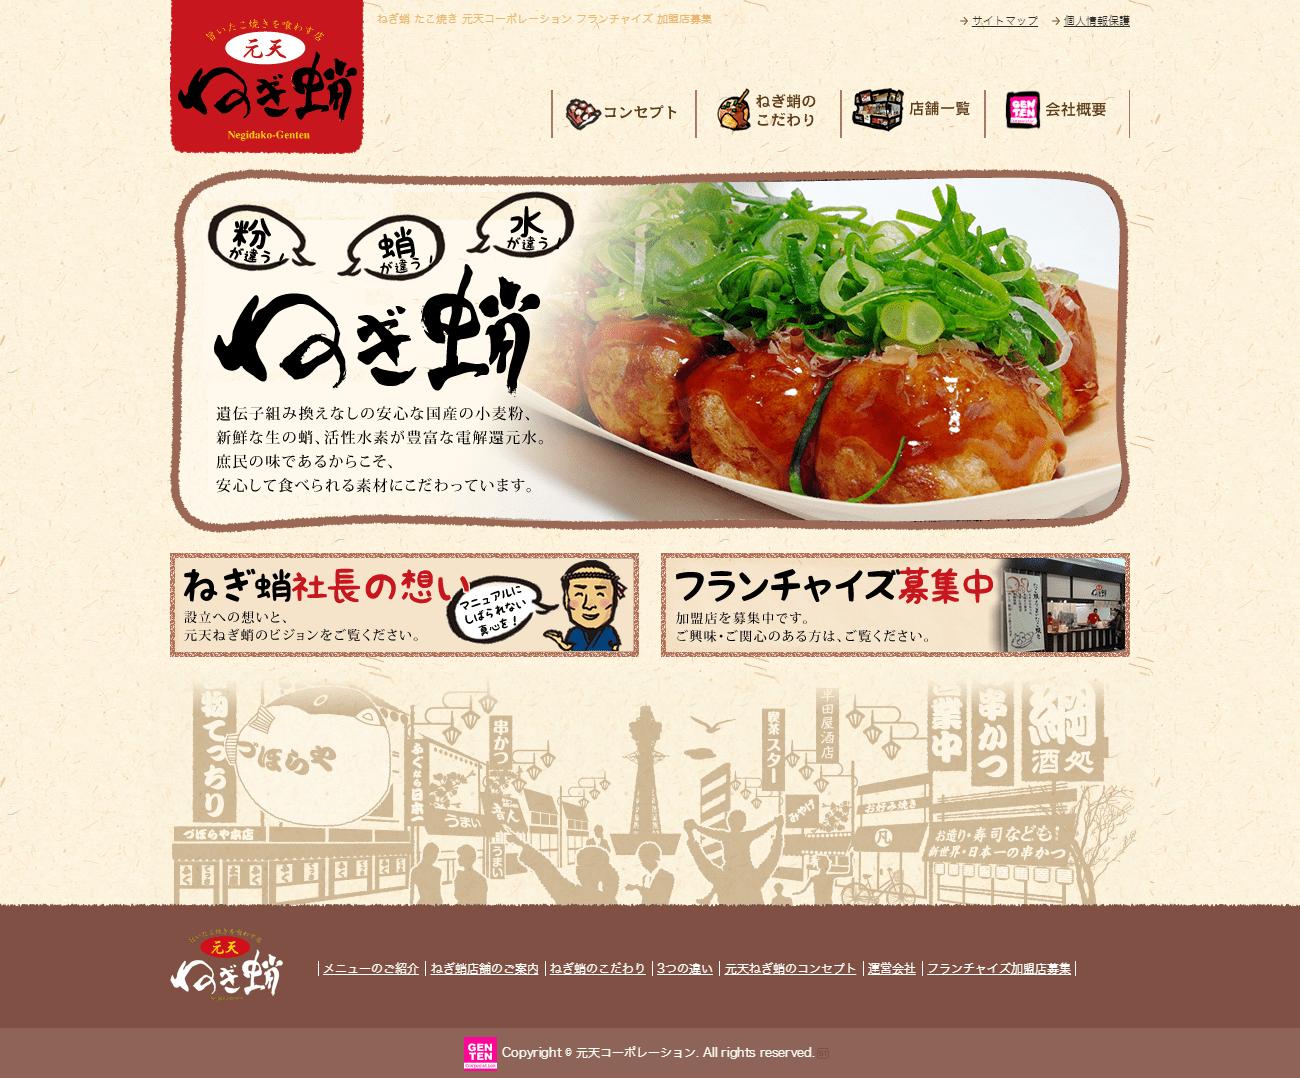 姫路市 株式会社 元天コーポレーション様 ホームページ制作1